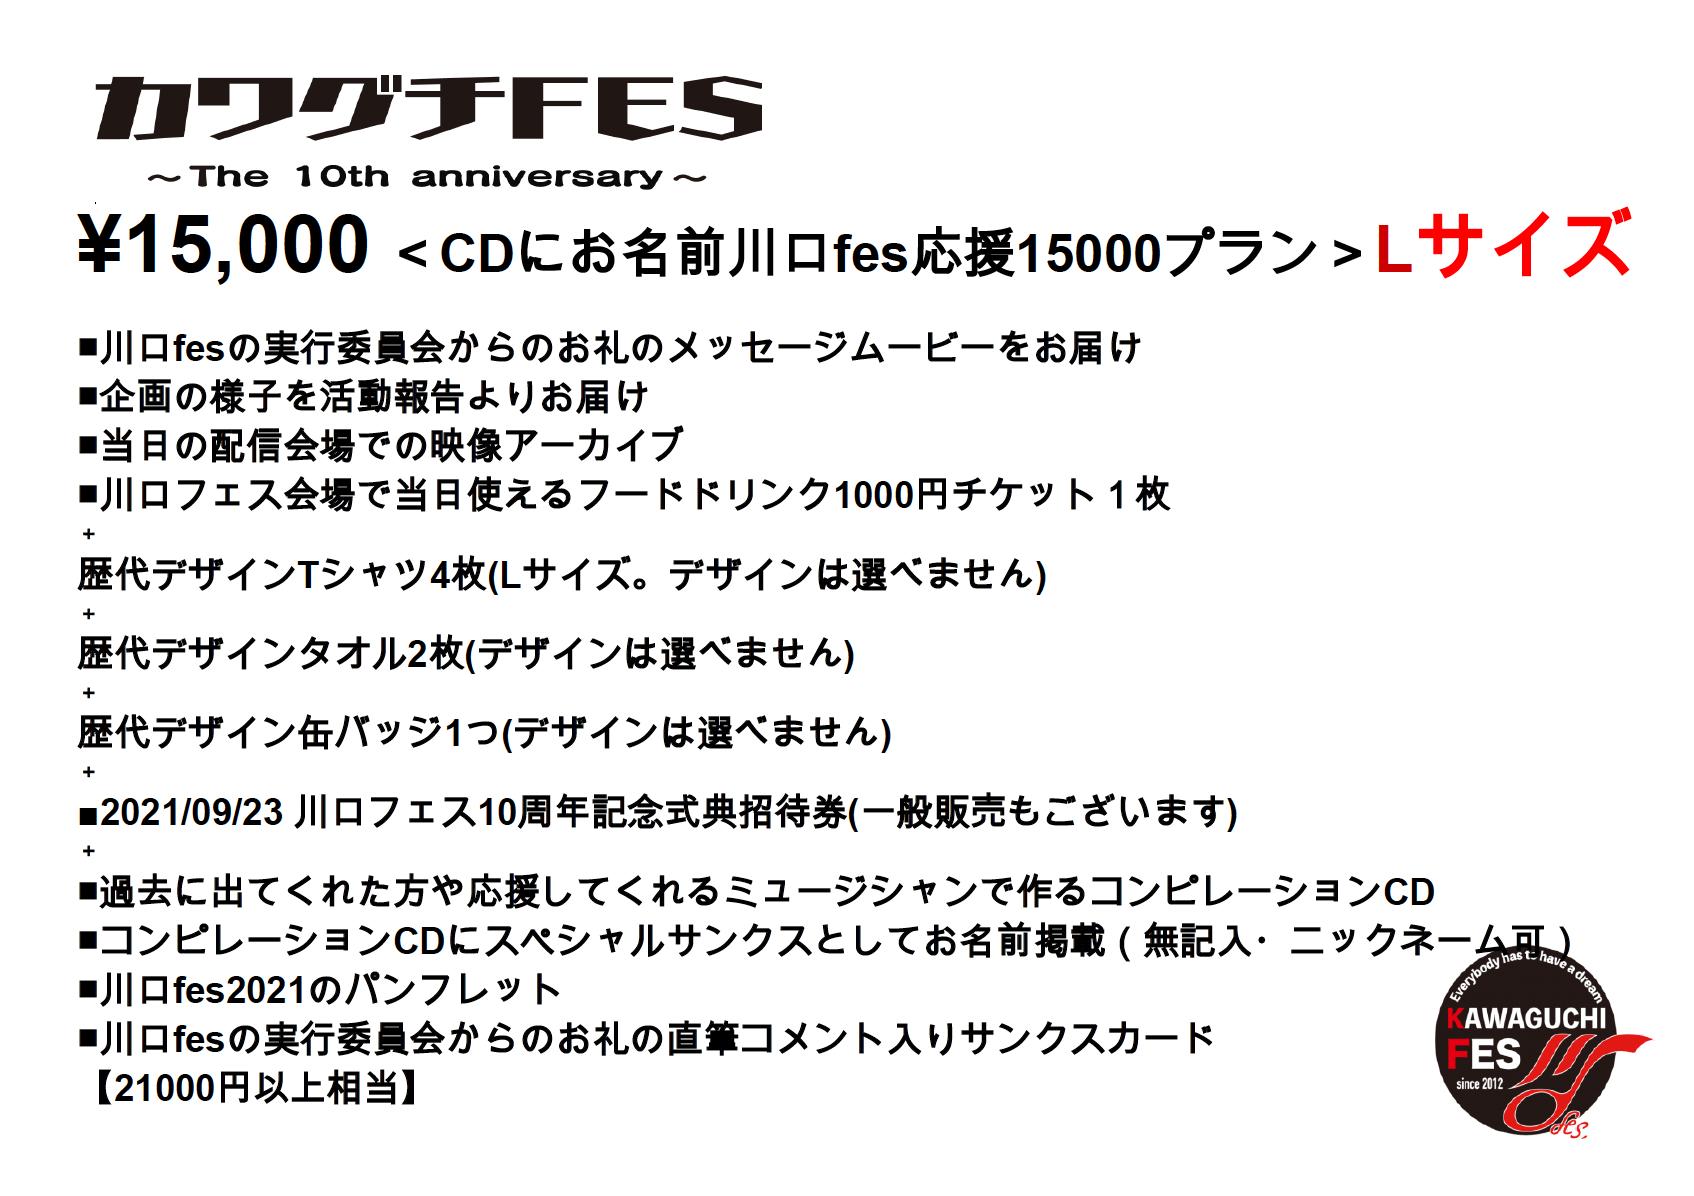 <CDにお名前川口フェス応援15000プラン Lサイズ>